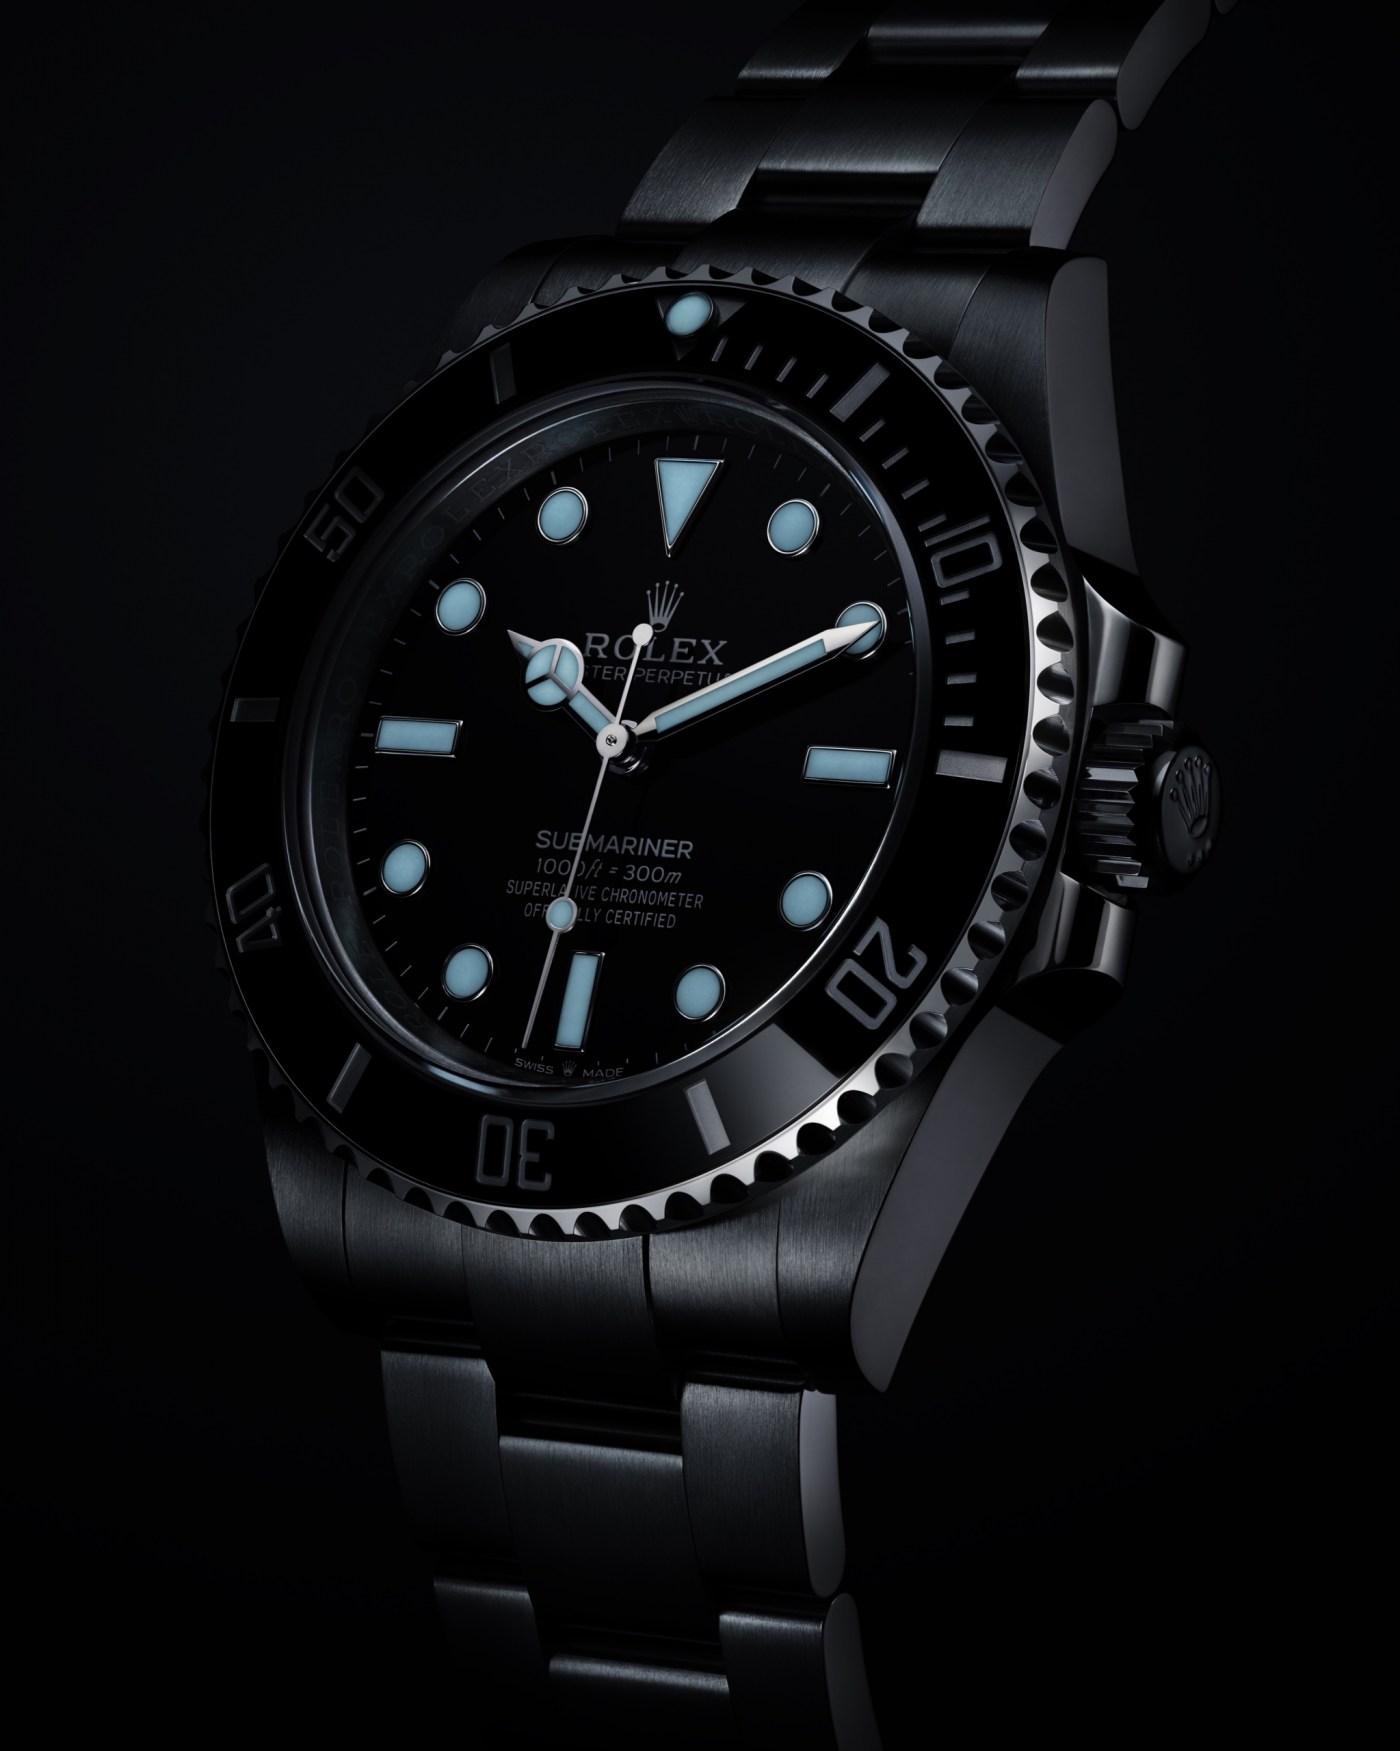 2020 Submariner Chromalight lume